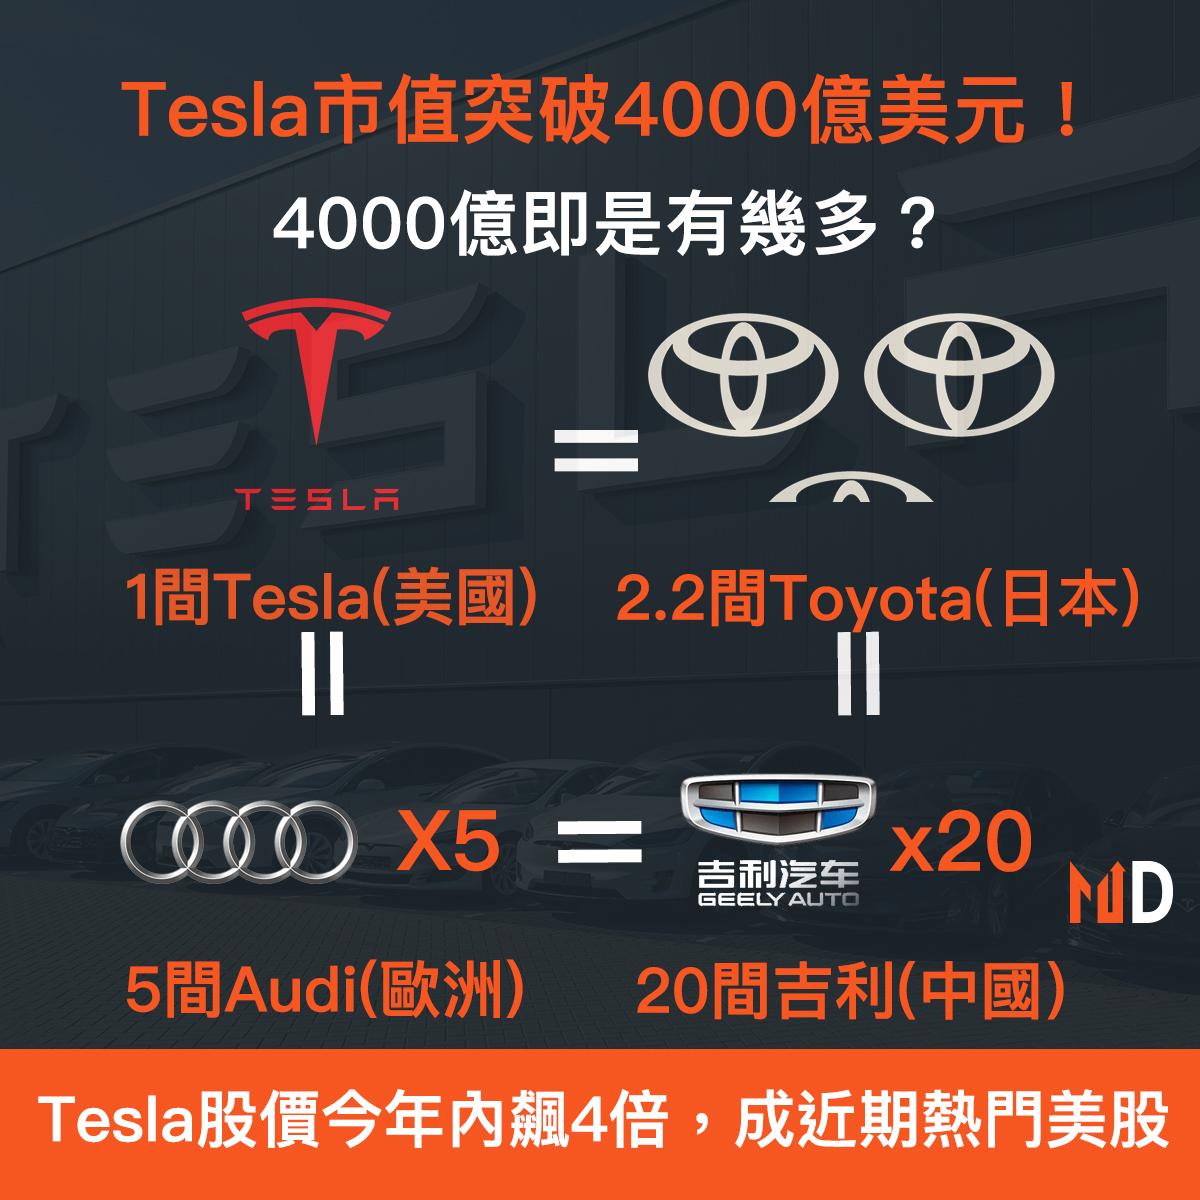 【市場熱話】Tesla市值突破4000億美元!4000億即是有幾多?